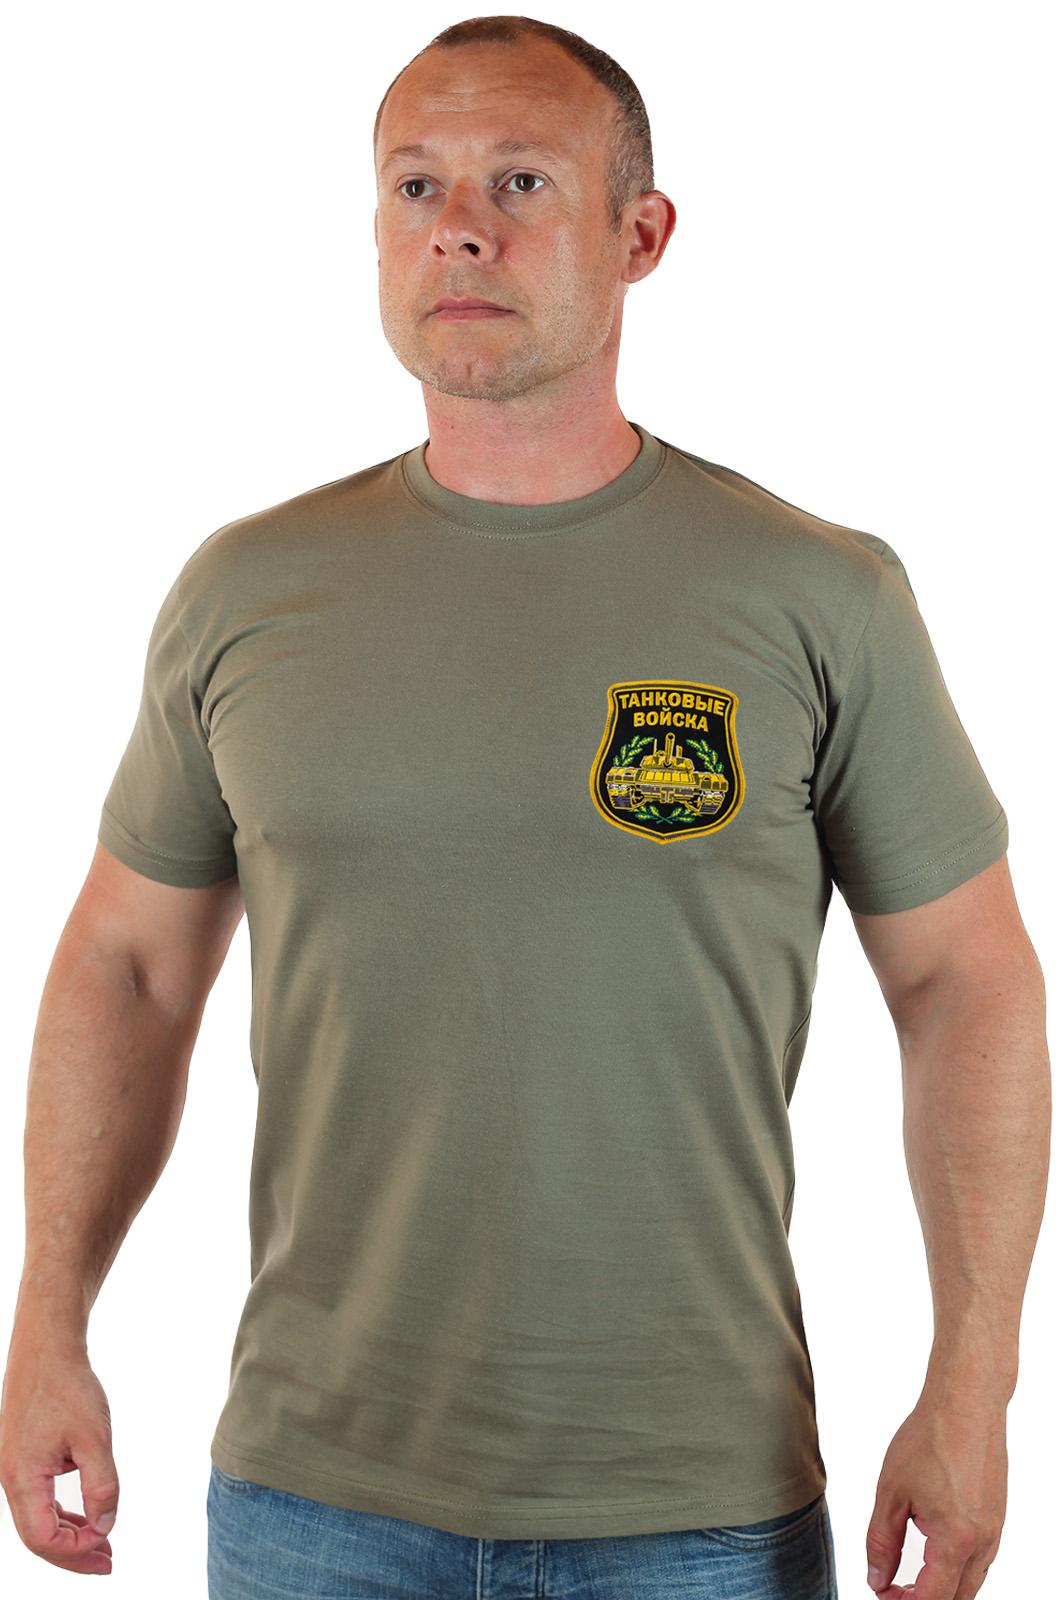 Купить футболку для танкиста оптом и в розницу